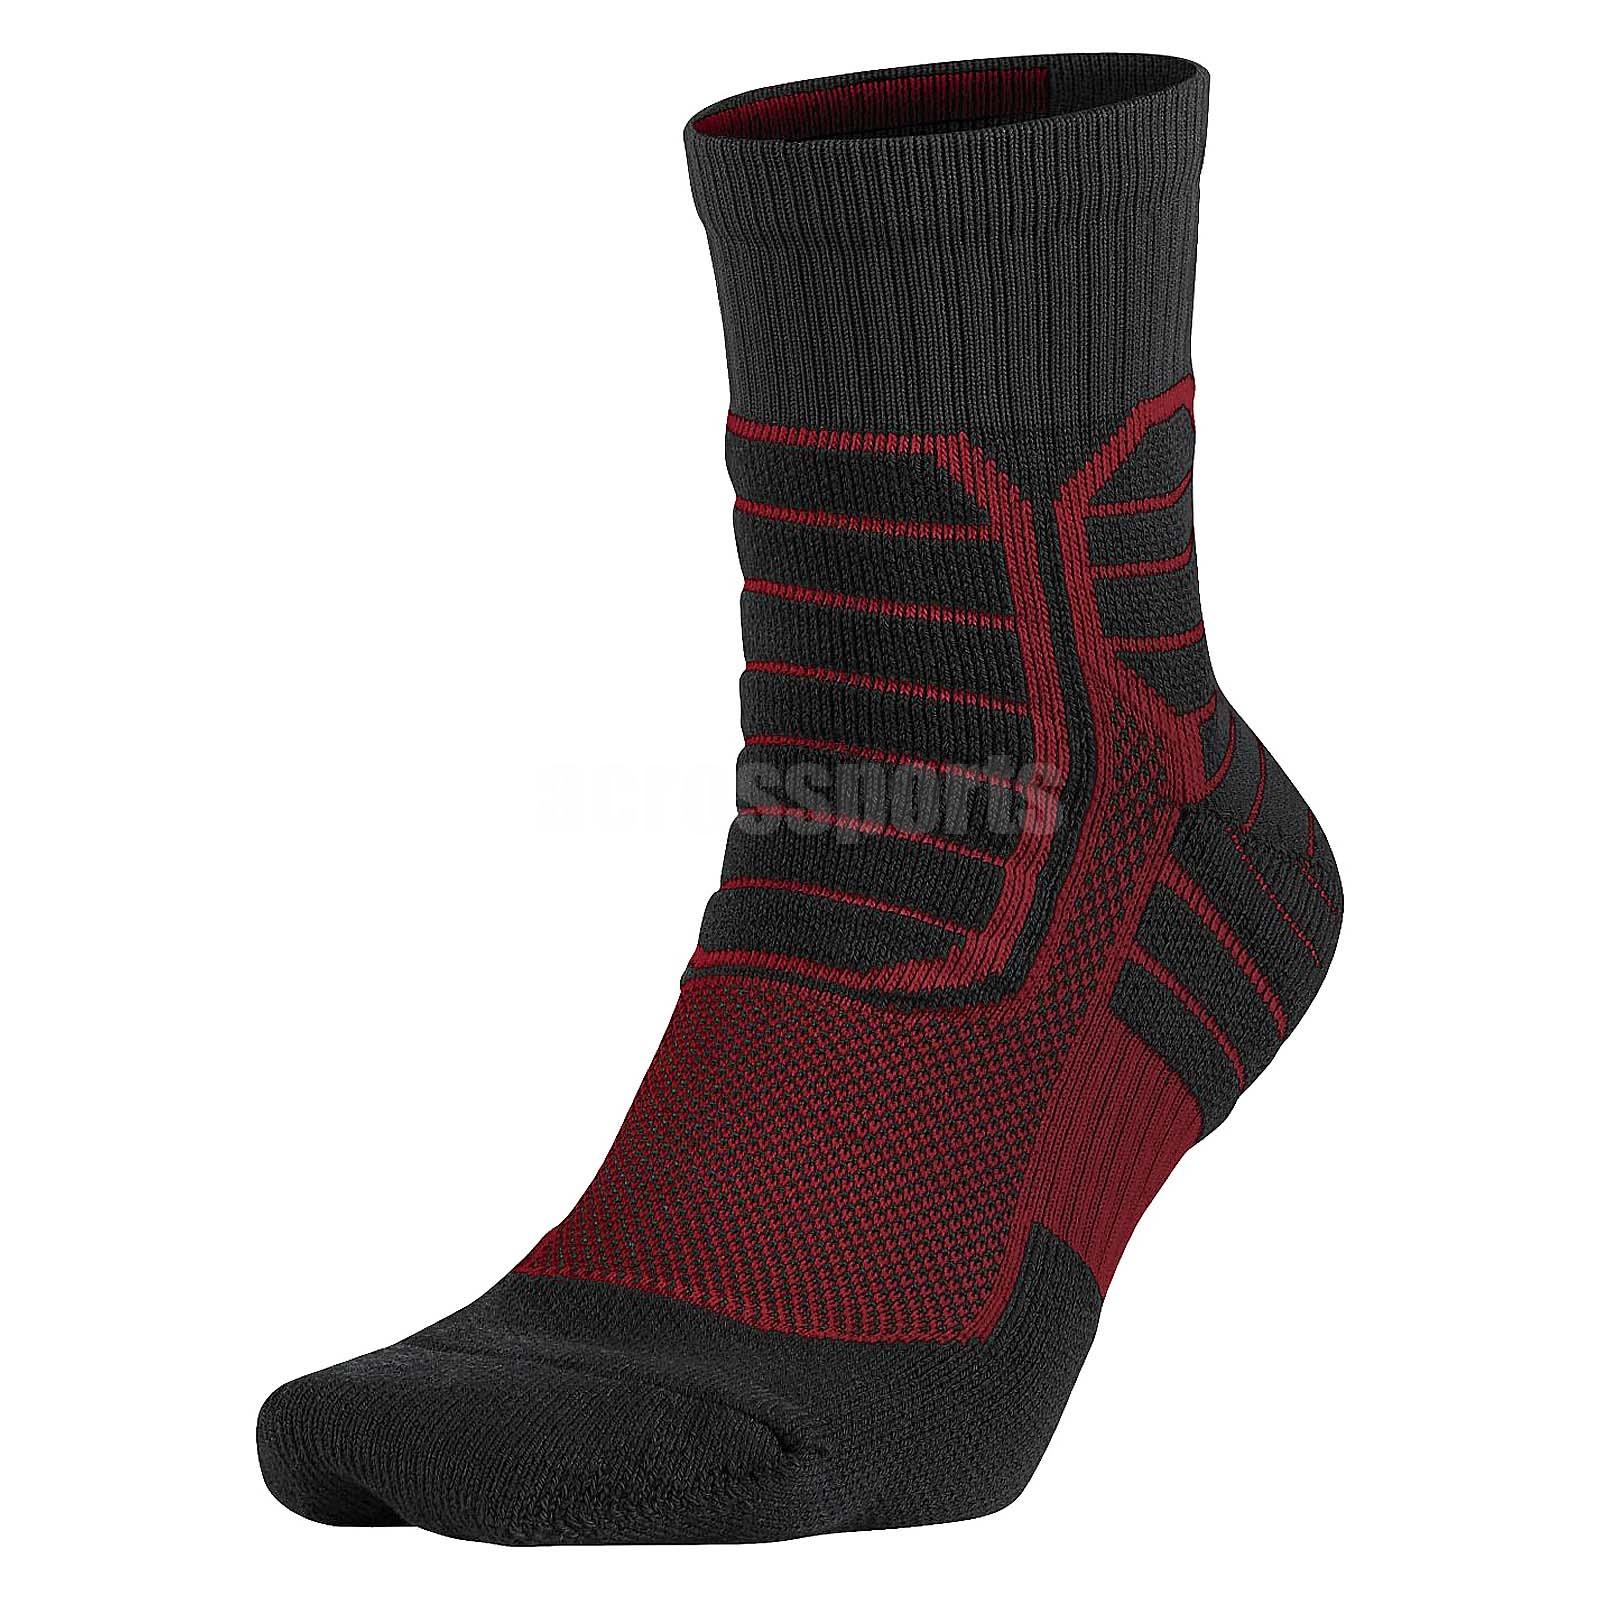 Nike Air Jordan Jumpman Black Red Basketball Mens High ...